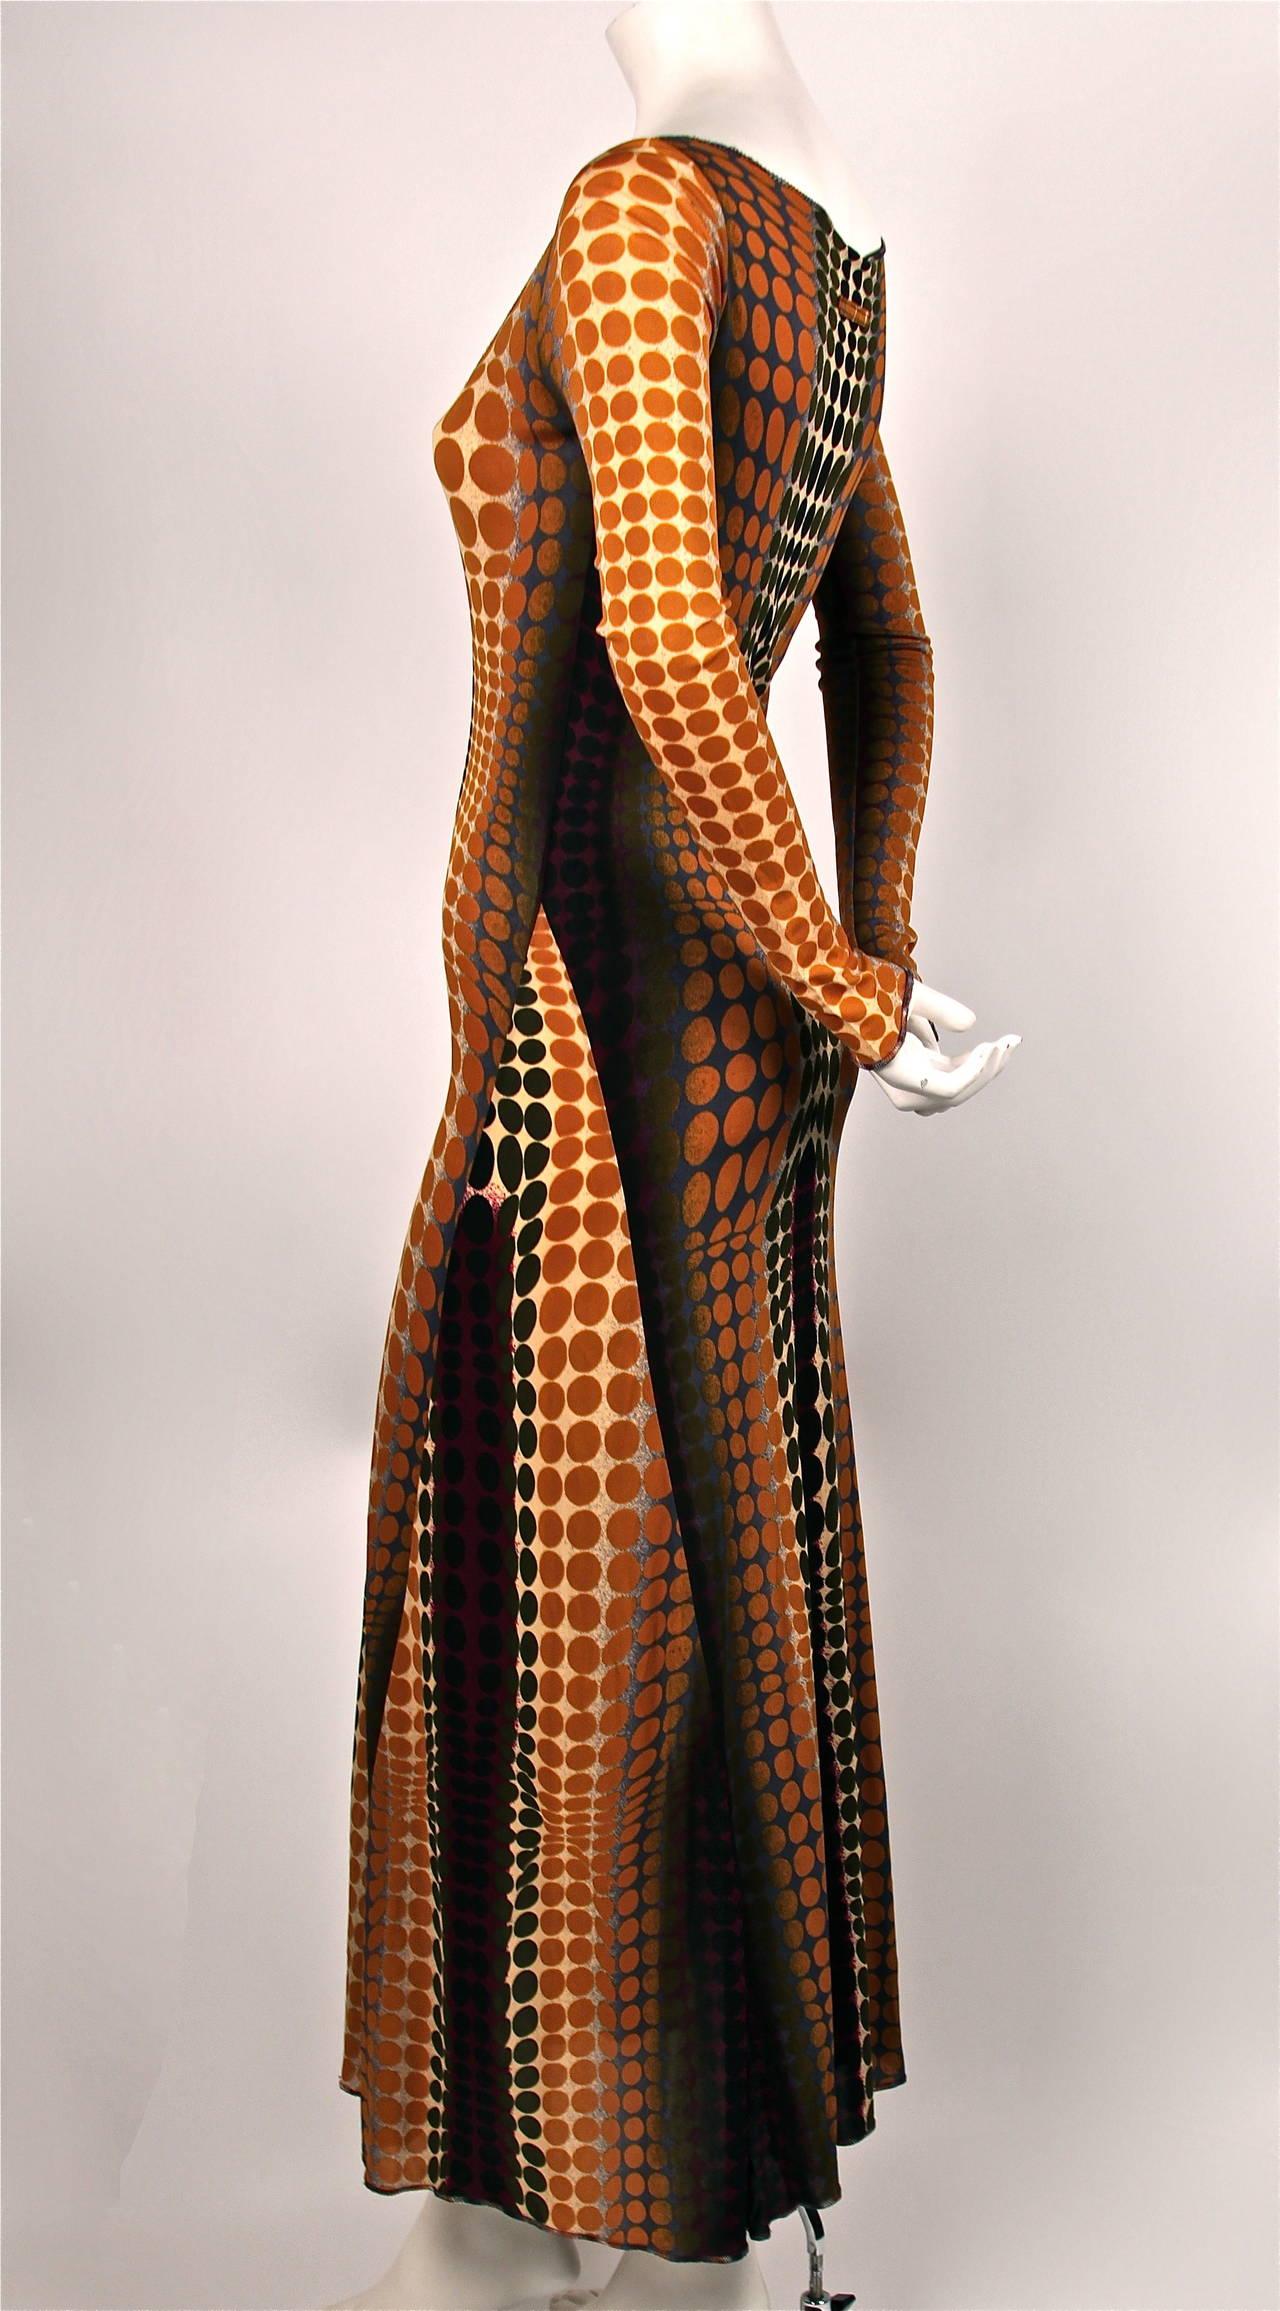 rare JEAN PAUL GAULTIER Op-art cyber print dress - 1995 3